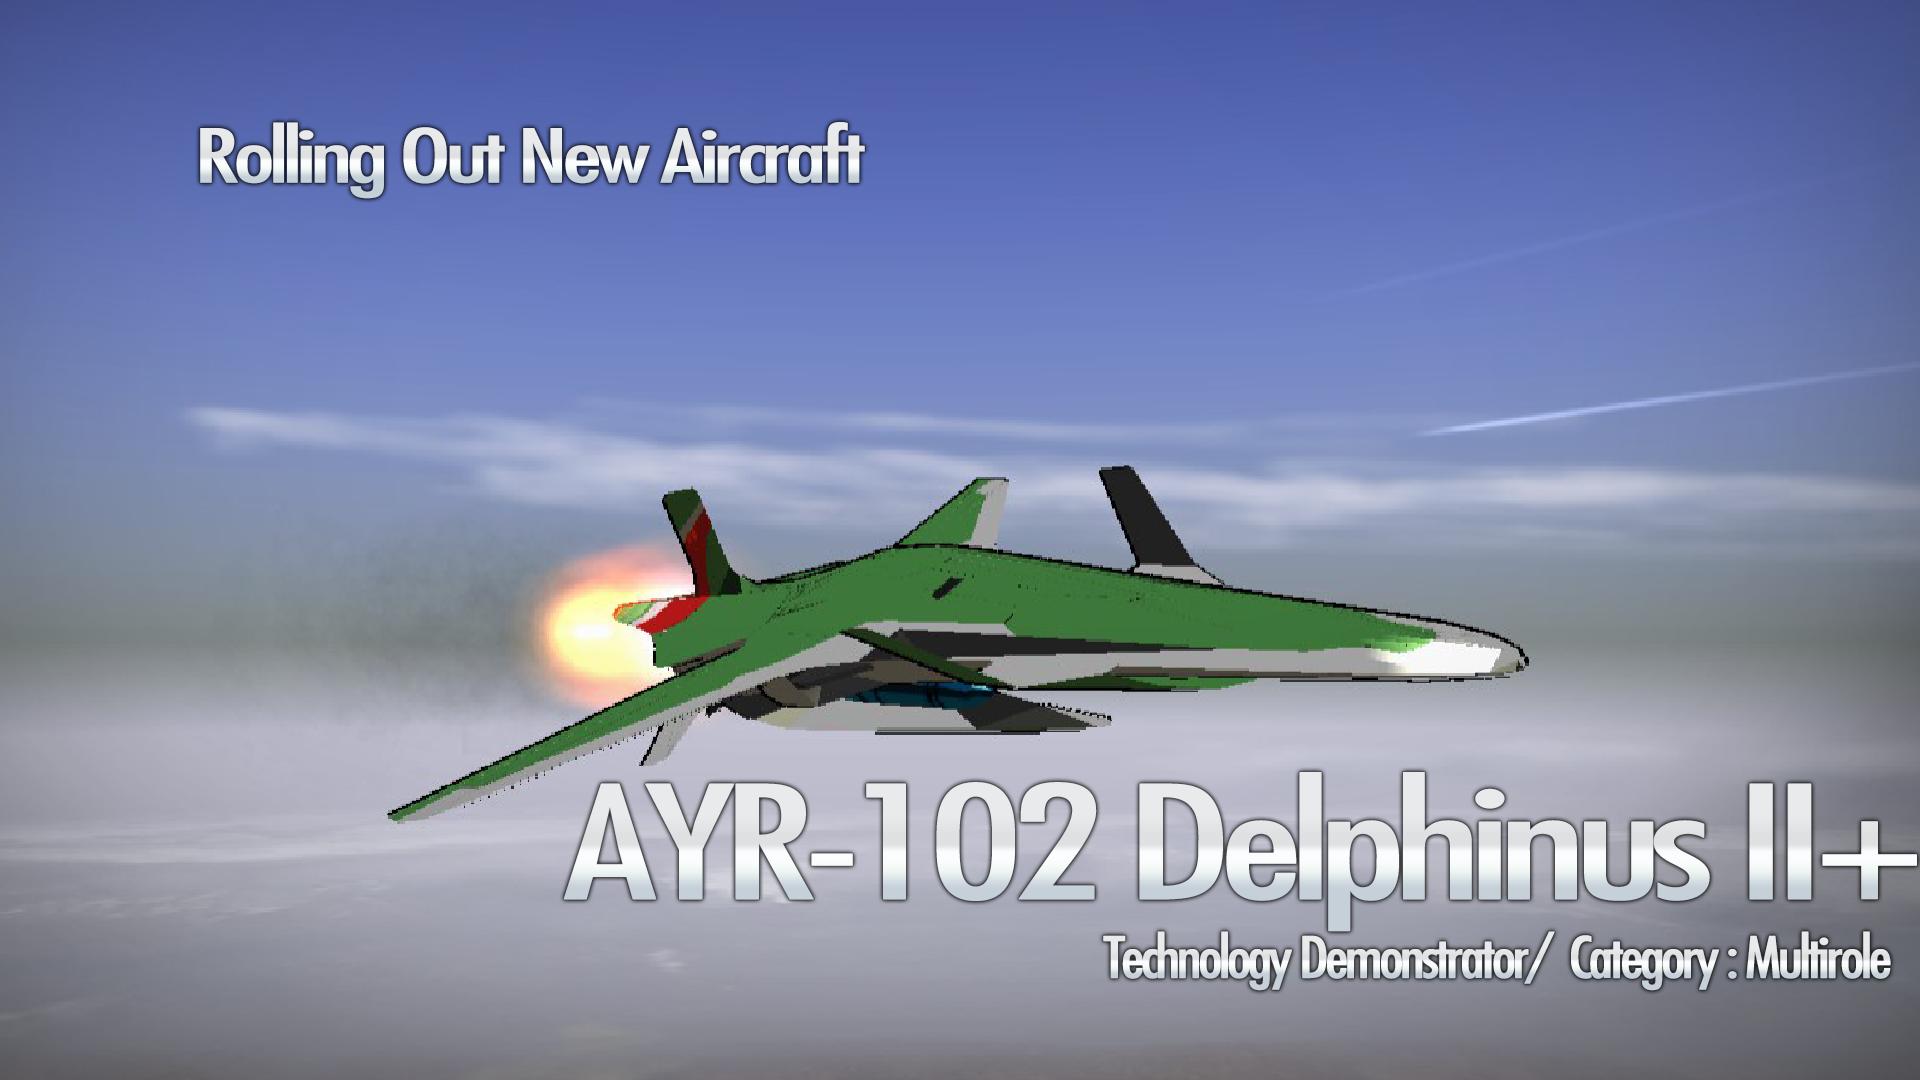 AYR 102